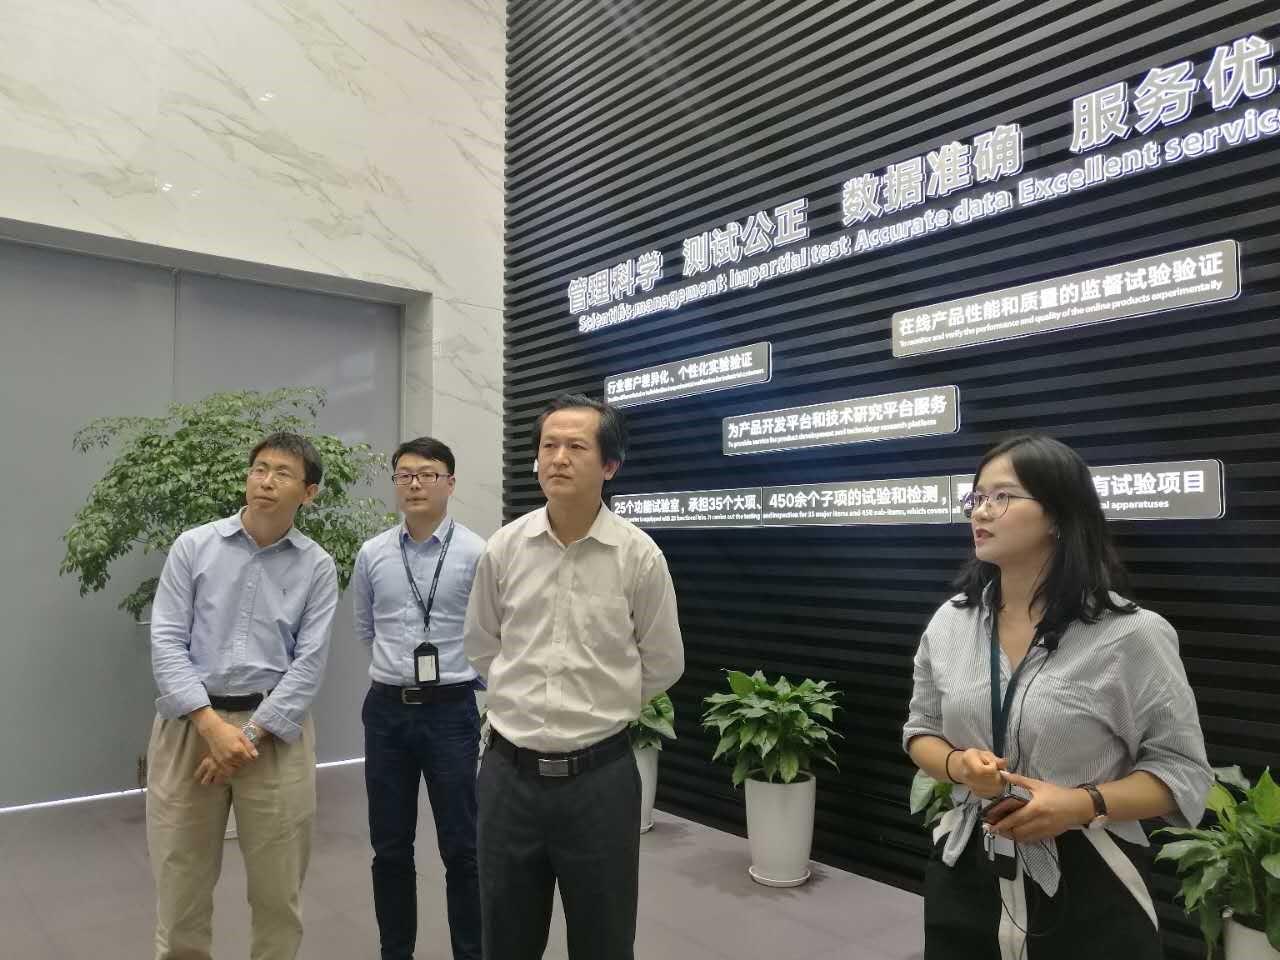 青岛大学商学院与上海良信电器股份有限公司教学实践基地揭牌仪式举行